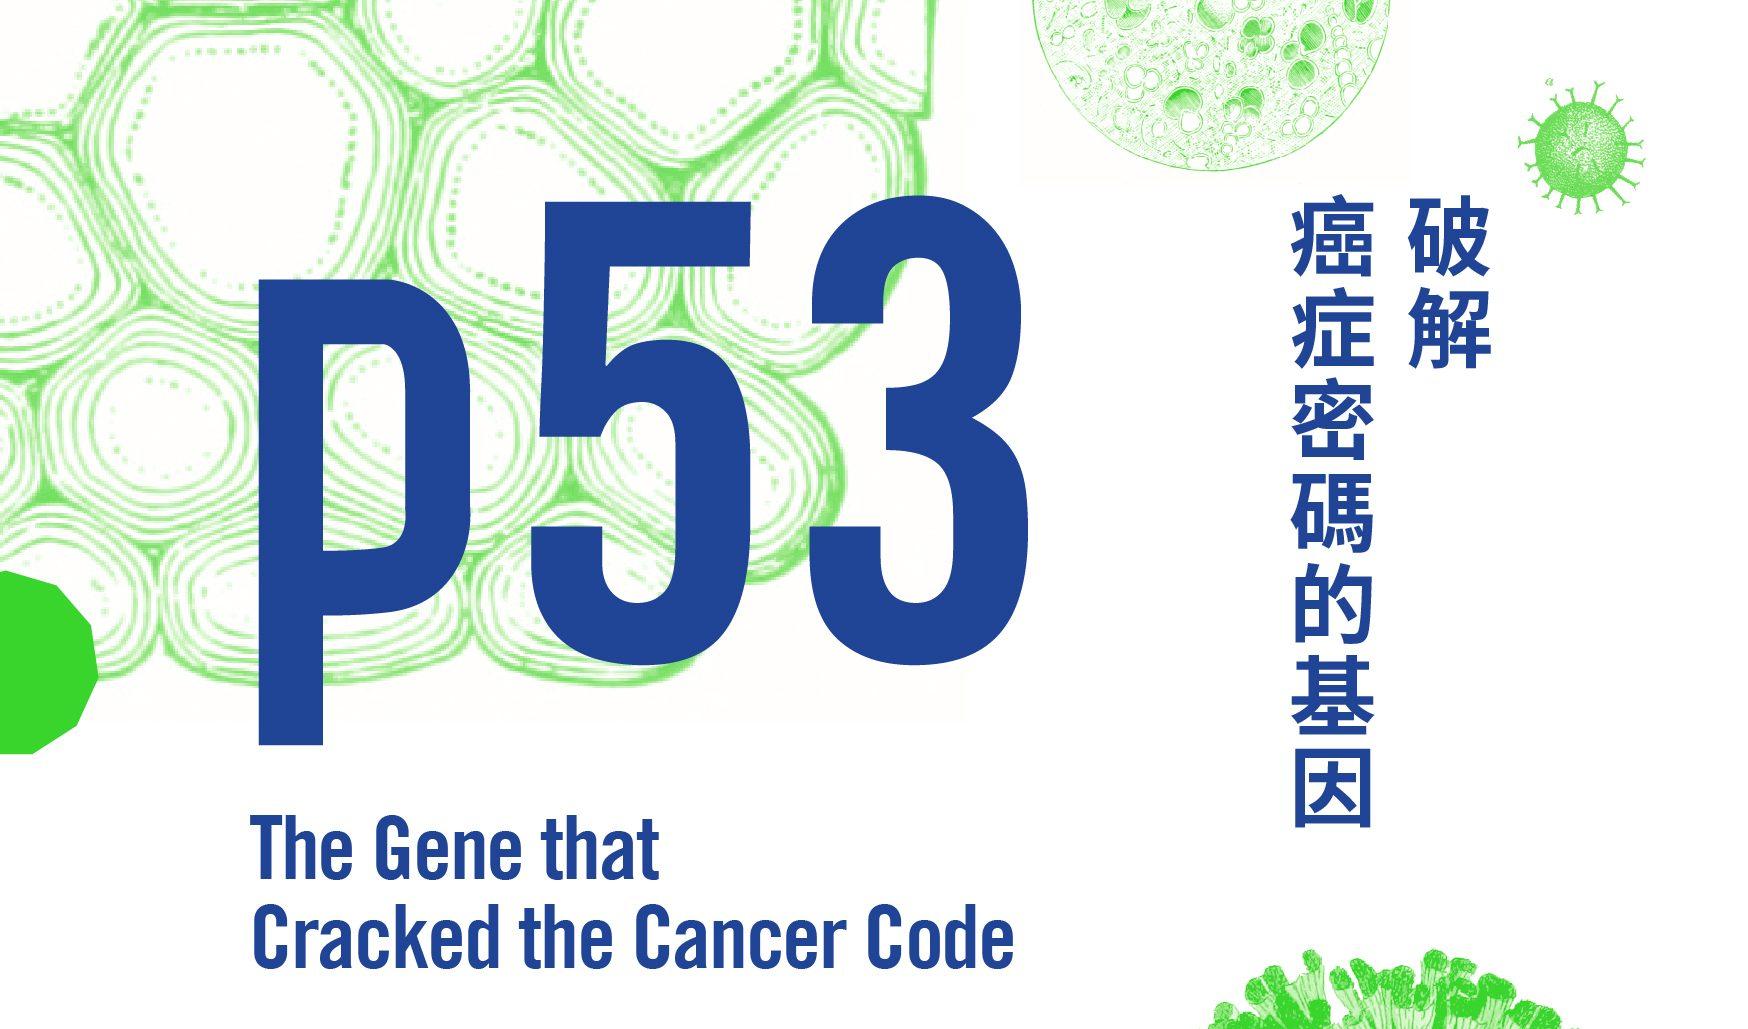 揭開 p53 抑癌功能的足跡—《p53:破解癌症密碼的基因》